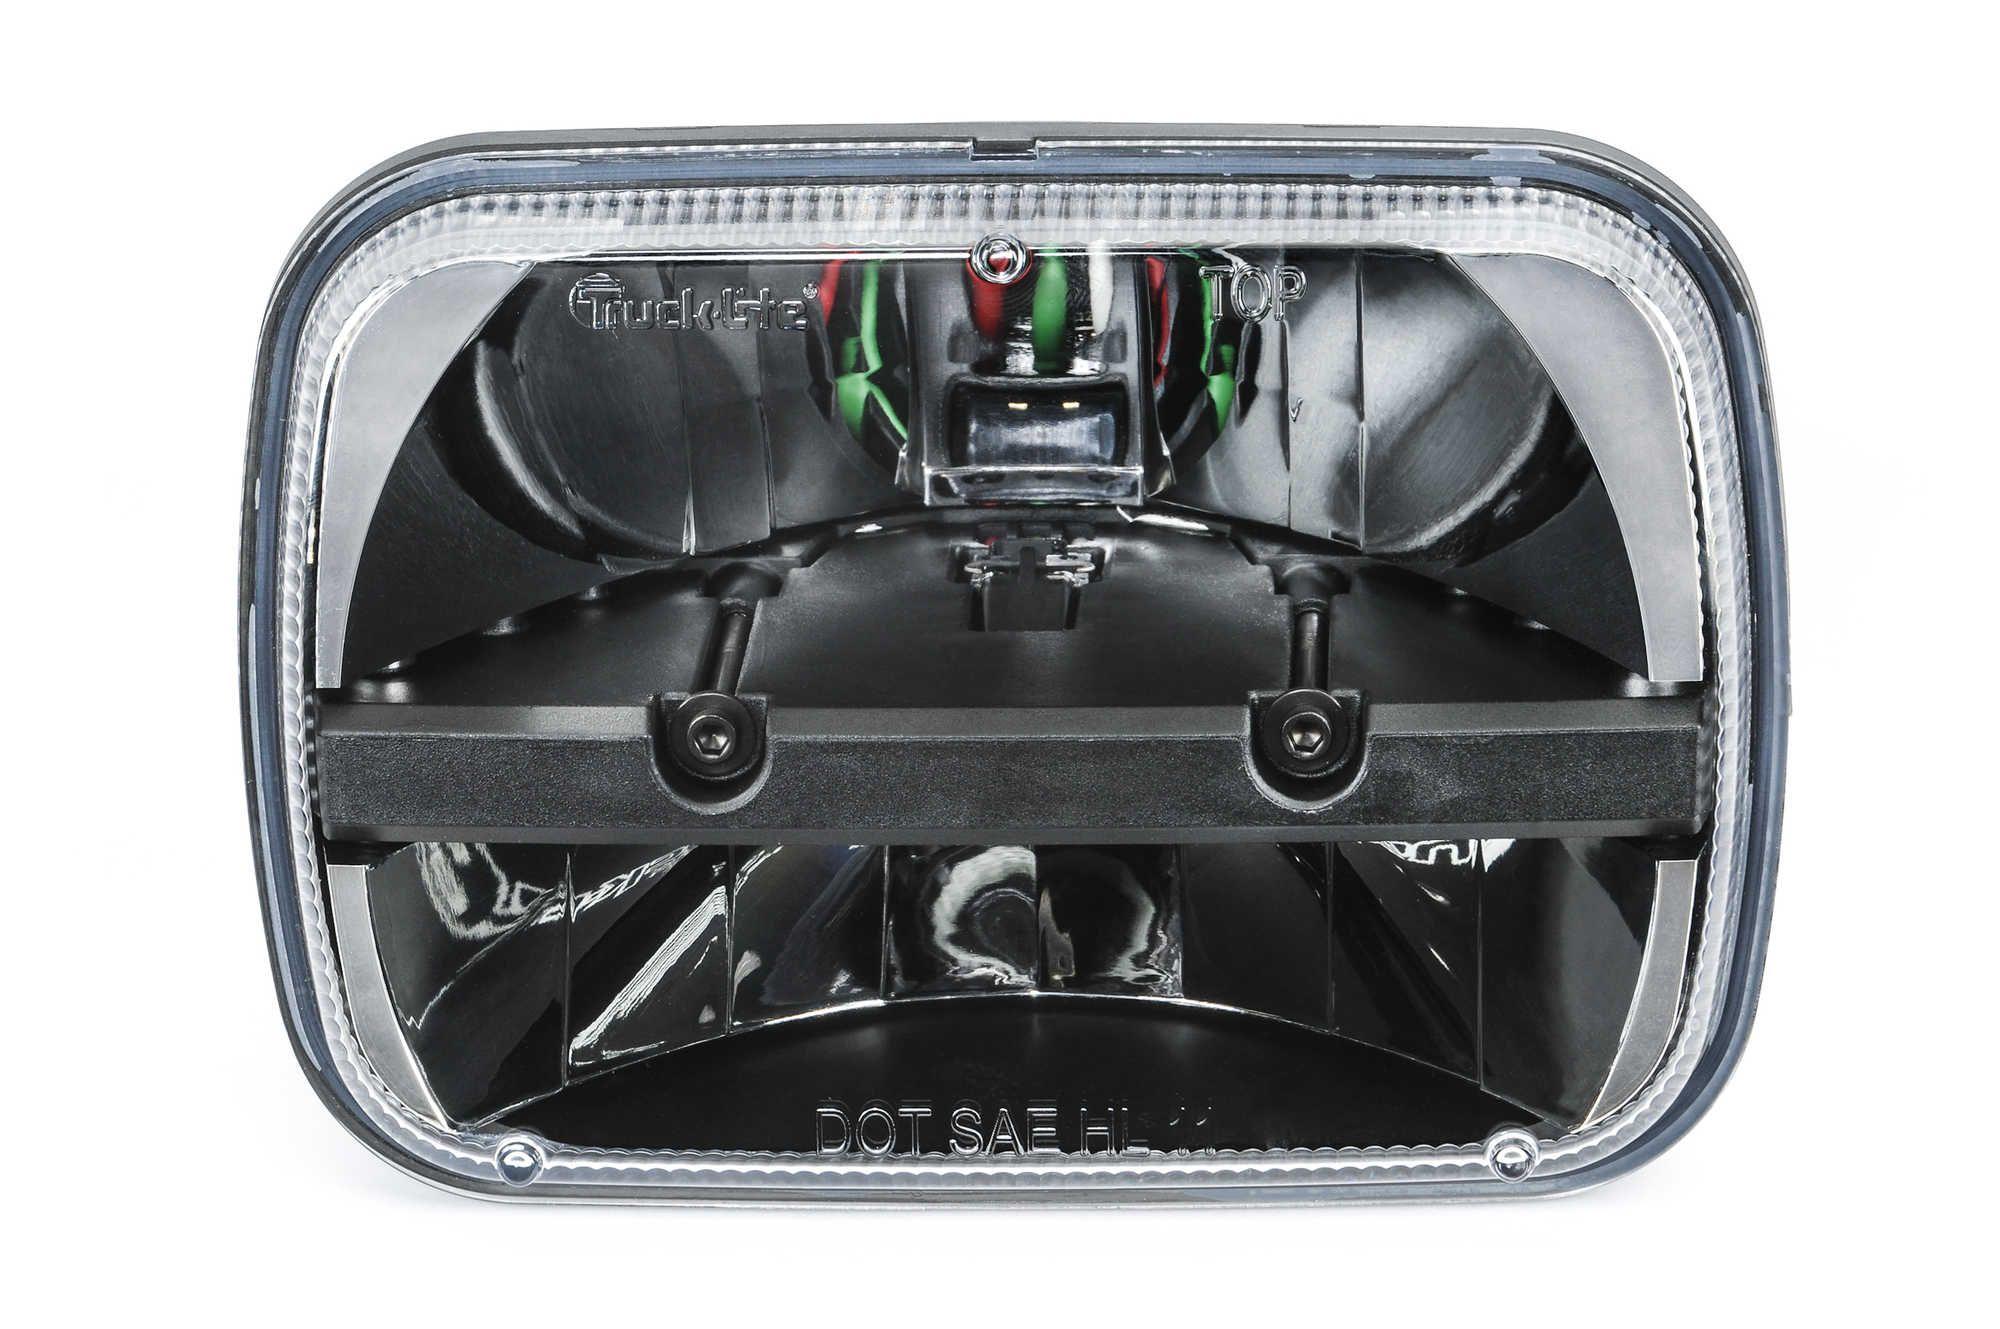 truck-lite led headlight kit for 84-01 jeep® wrangler yj, cherokee